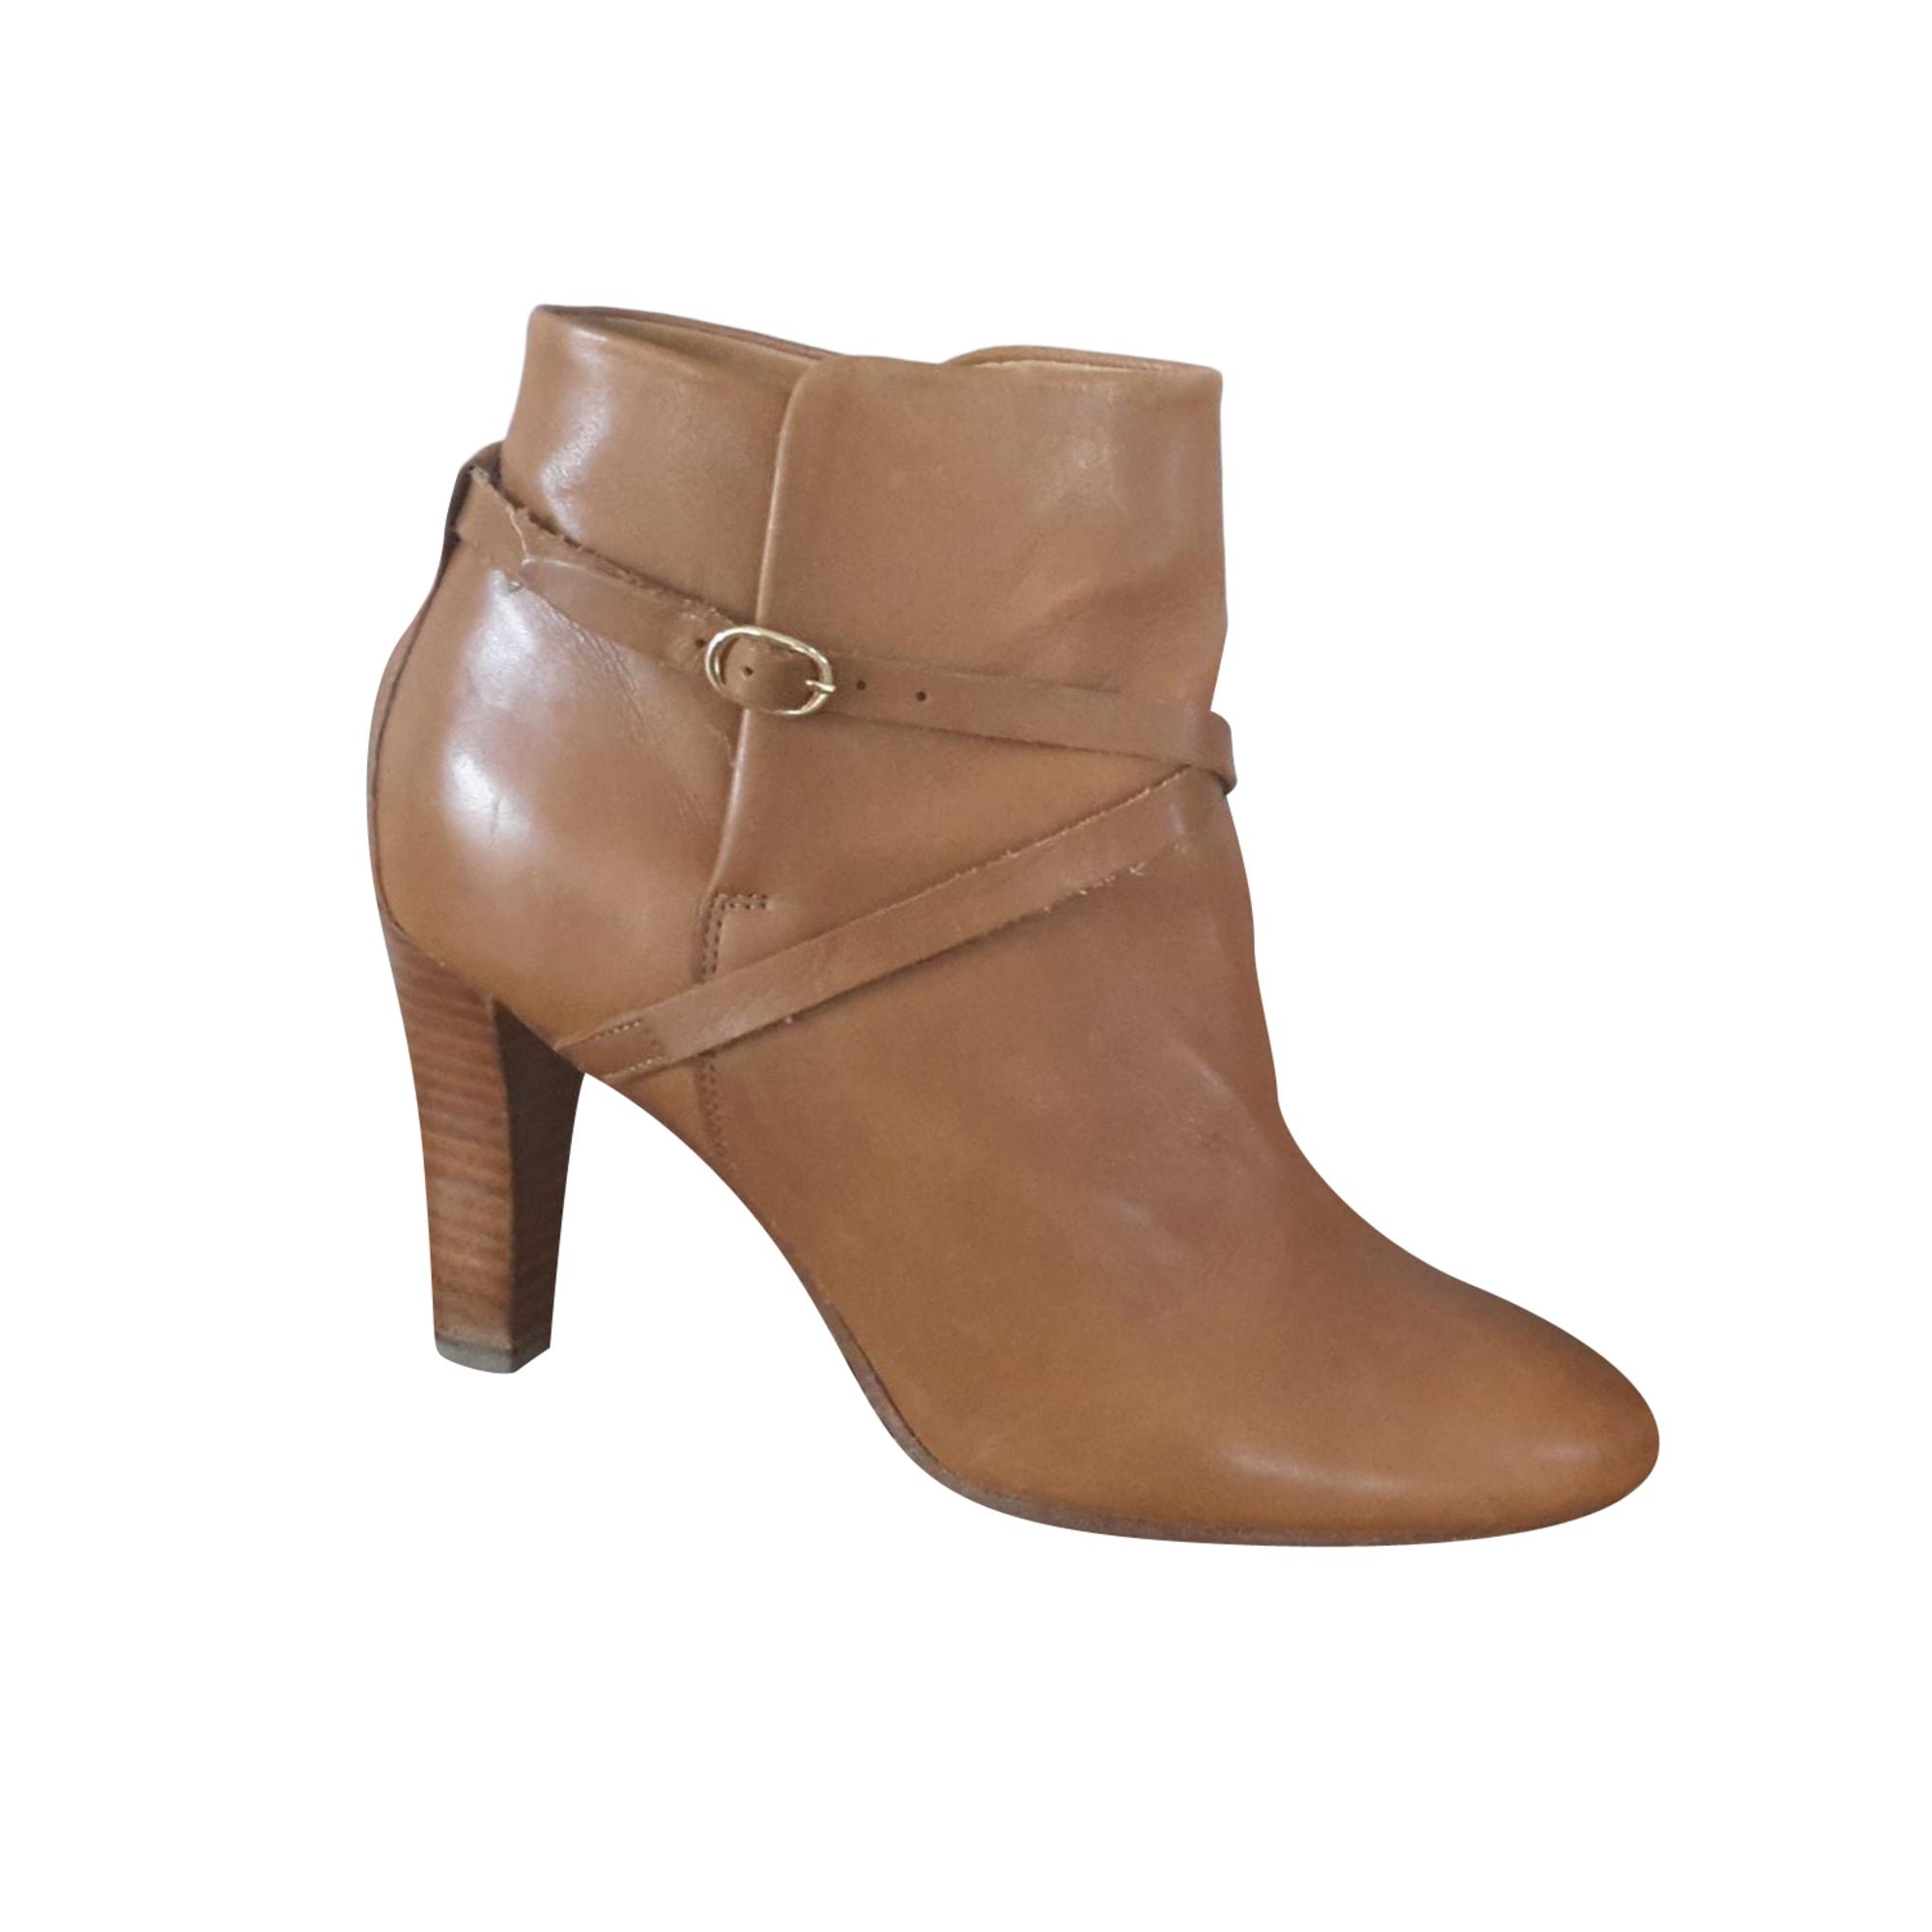 Bottines & low boots à talons SÉZANE Beige, camel